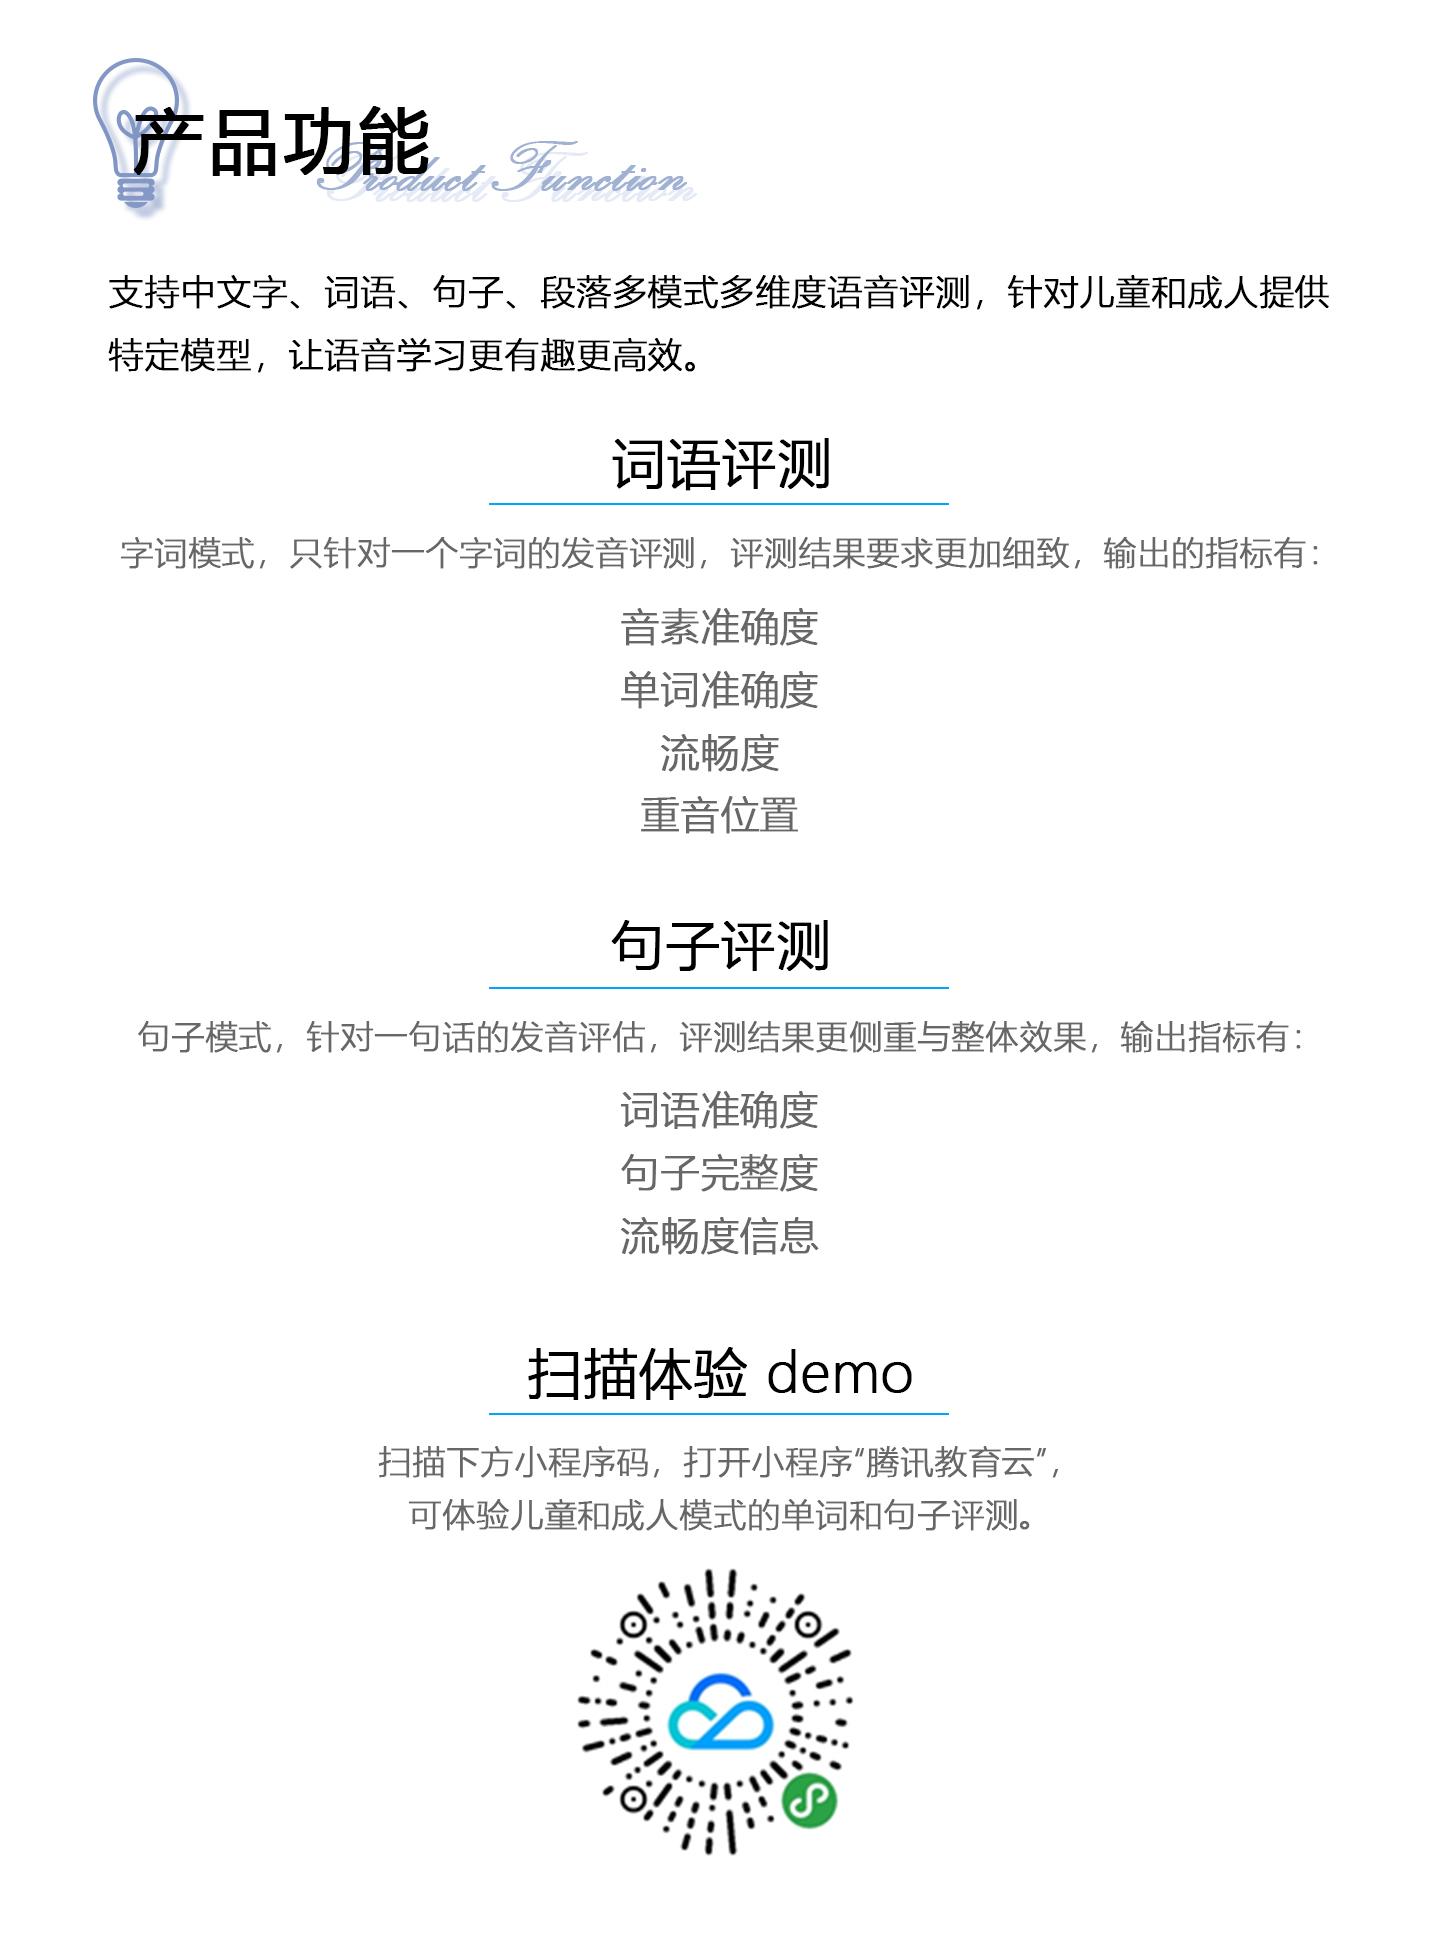 口语测评中文1440_04.jpg